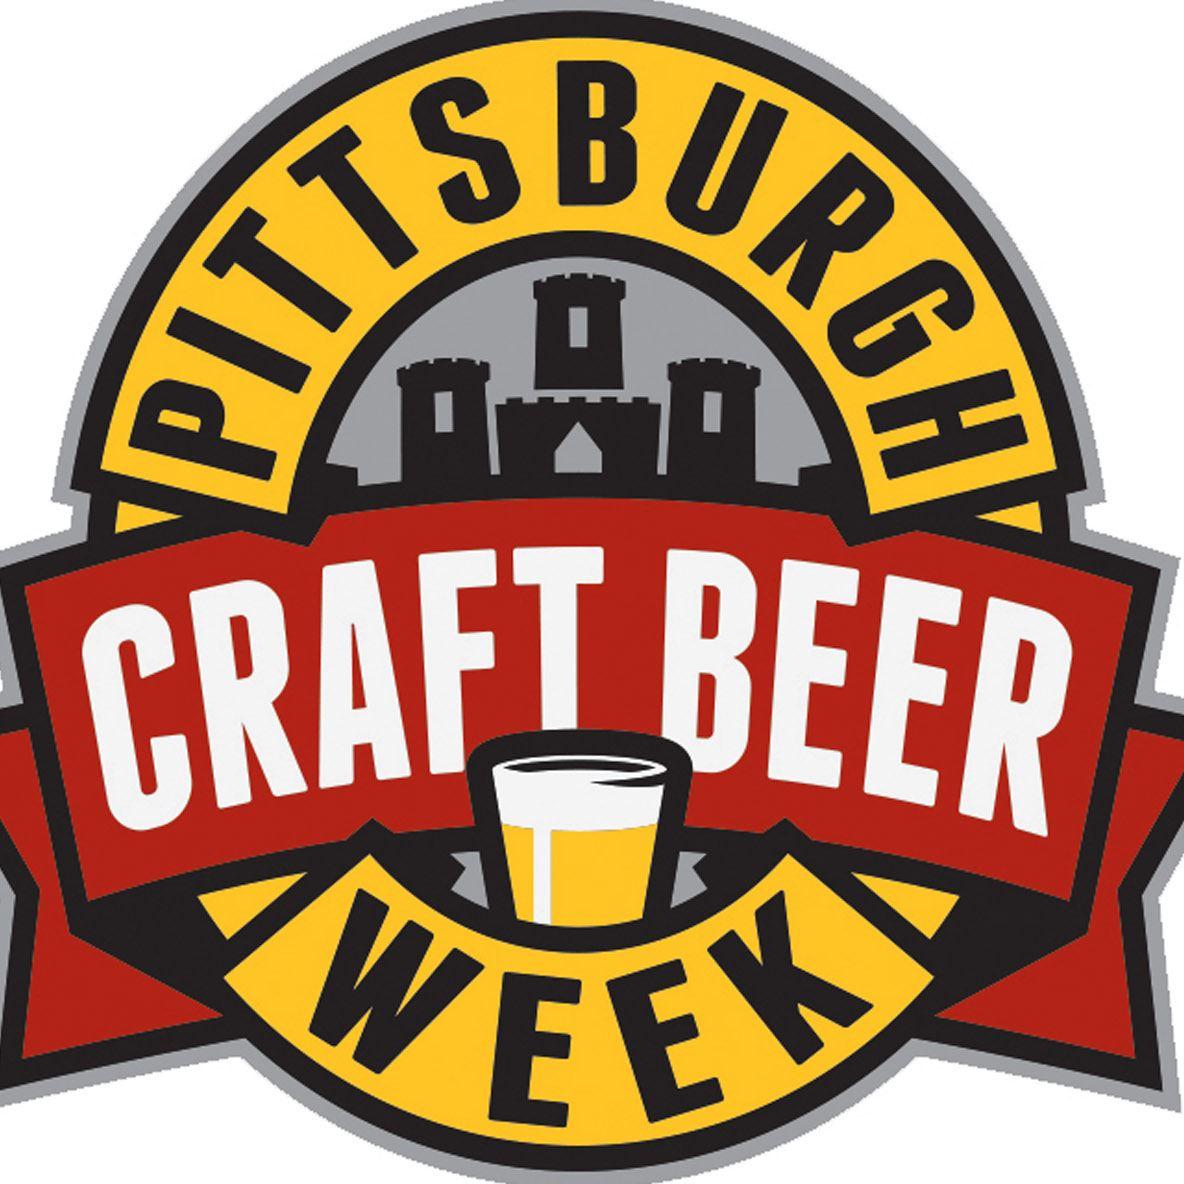 craft_beer_2016_mag Logo for Pittsburgh Craft Beer Week, 2016